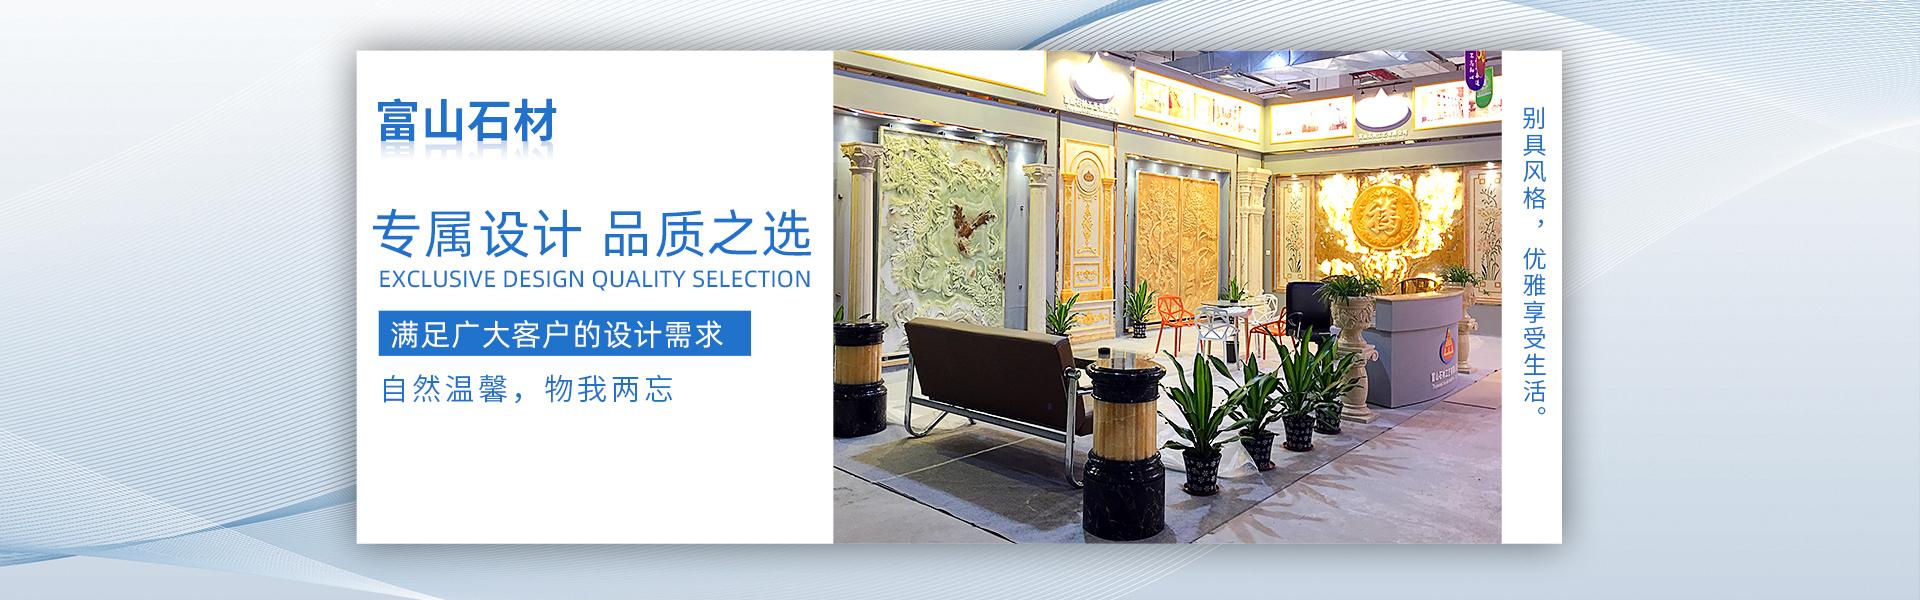 云浮市富山石材工艺有限公司专业生产:大理石水刀拼花,石材浮雕,石材背景墙,大理石电视背景墙,大理石板材